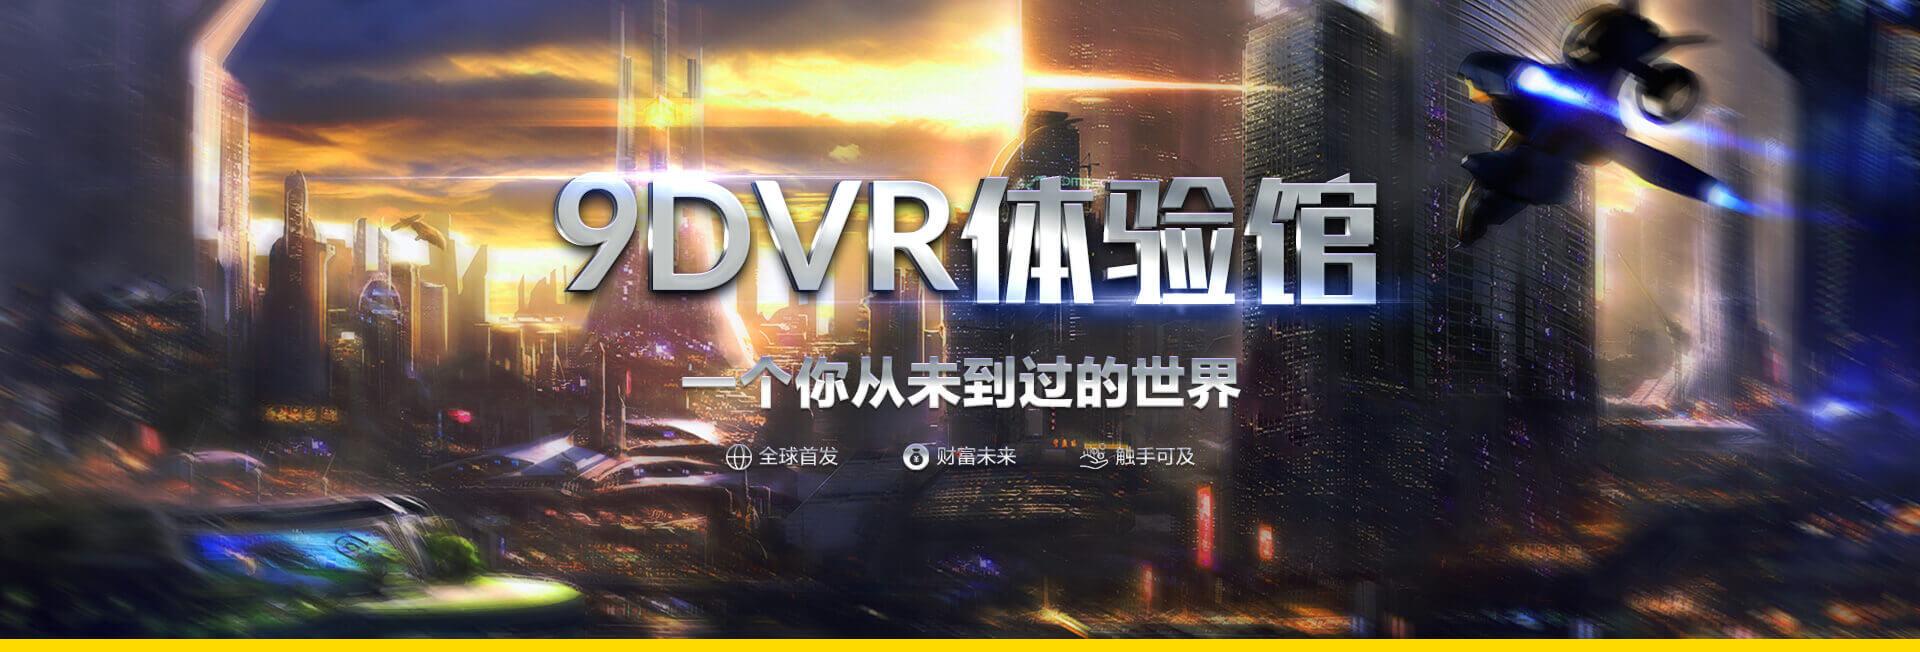 9DVR虚拟现实体验馆